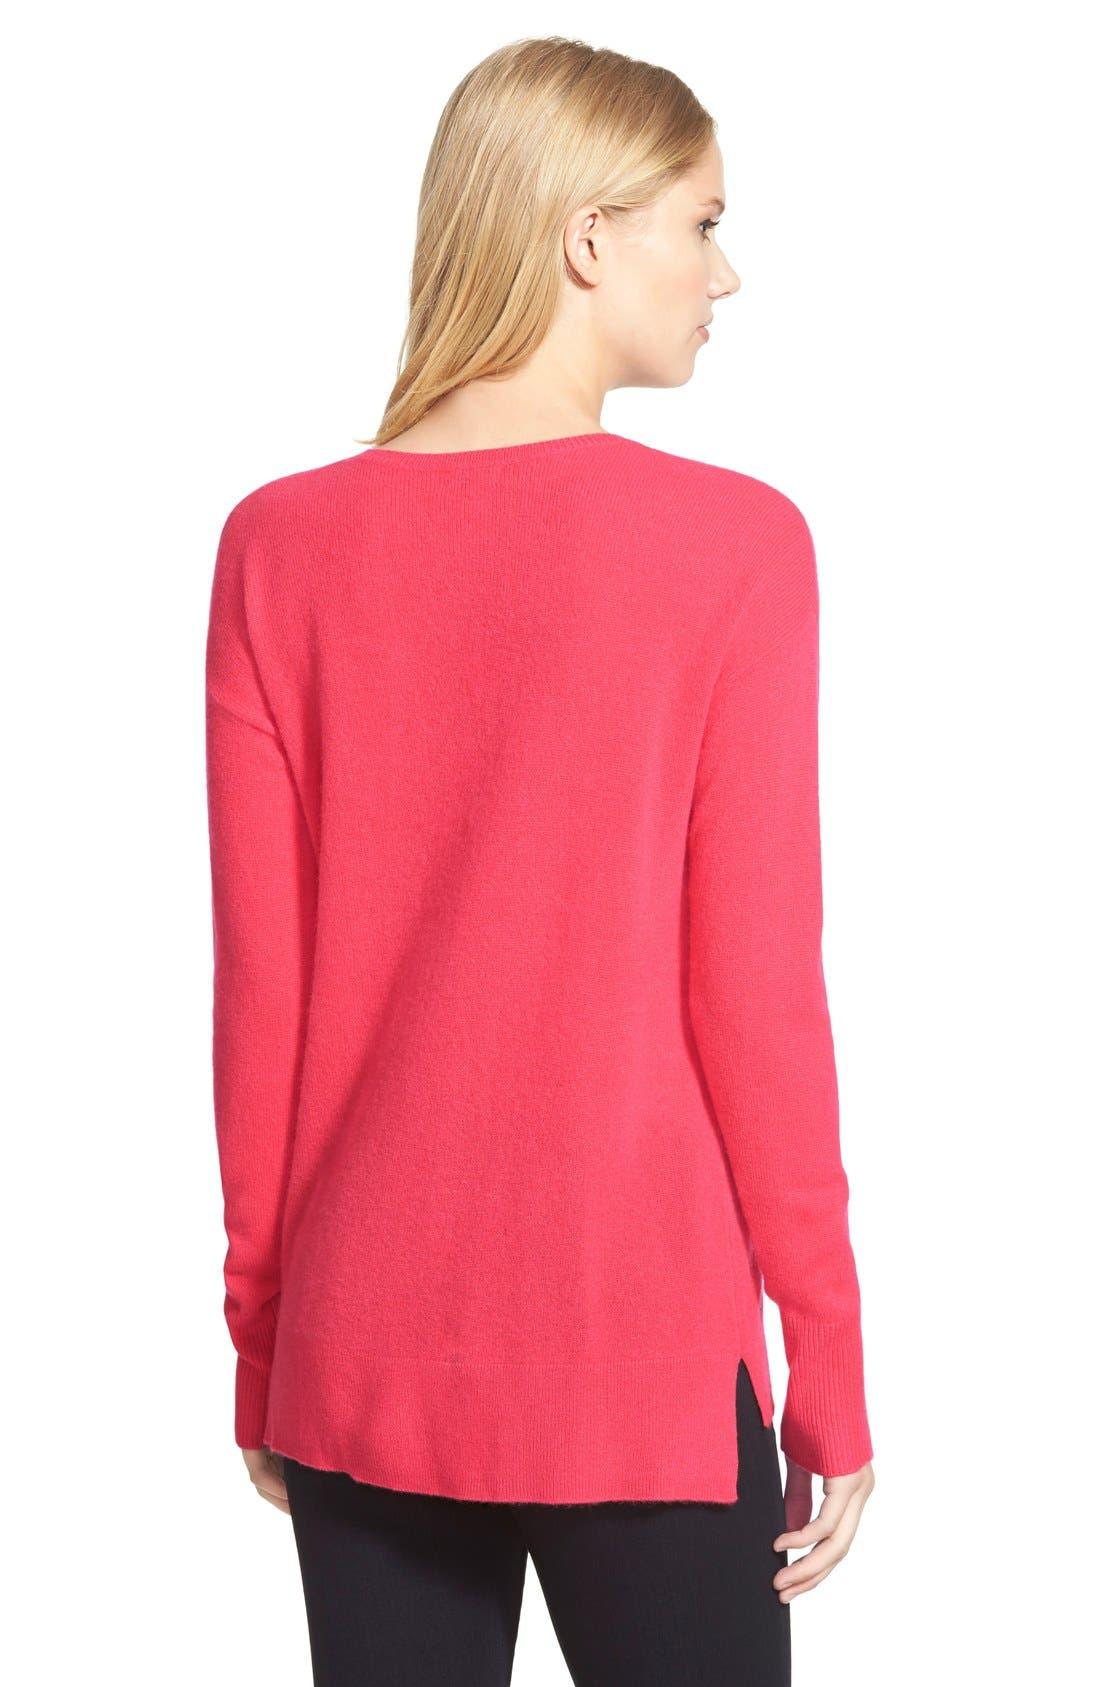 Alternate Image 3  - Halogen® V-Neck Lightweight Cashmere Sweater (Regular & Petite)